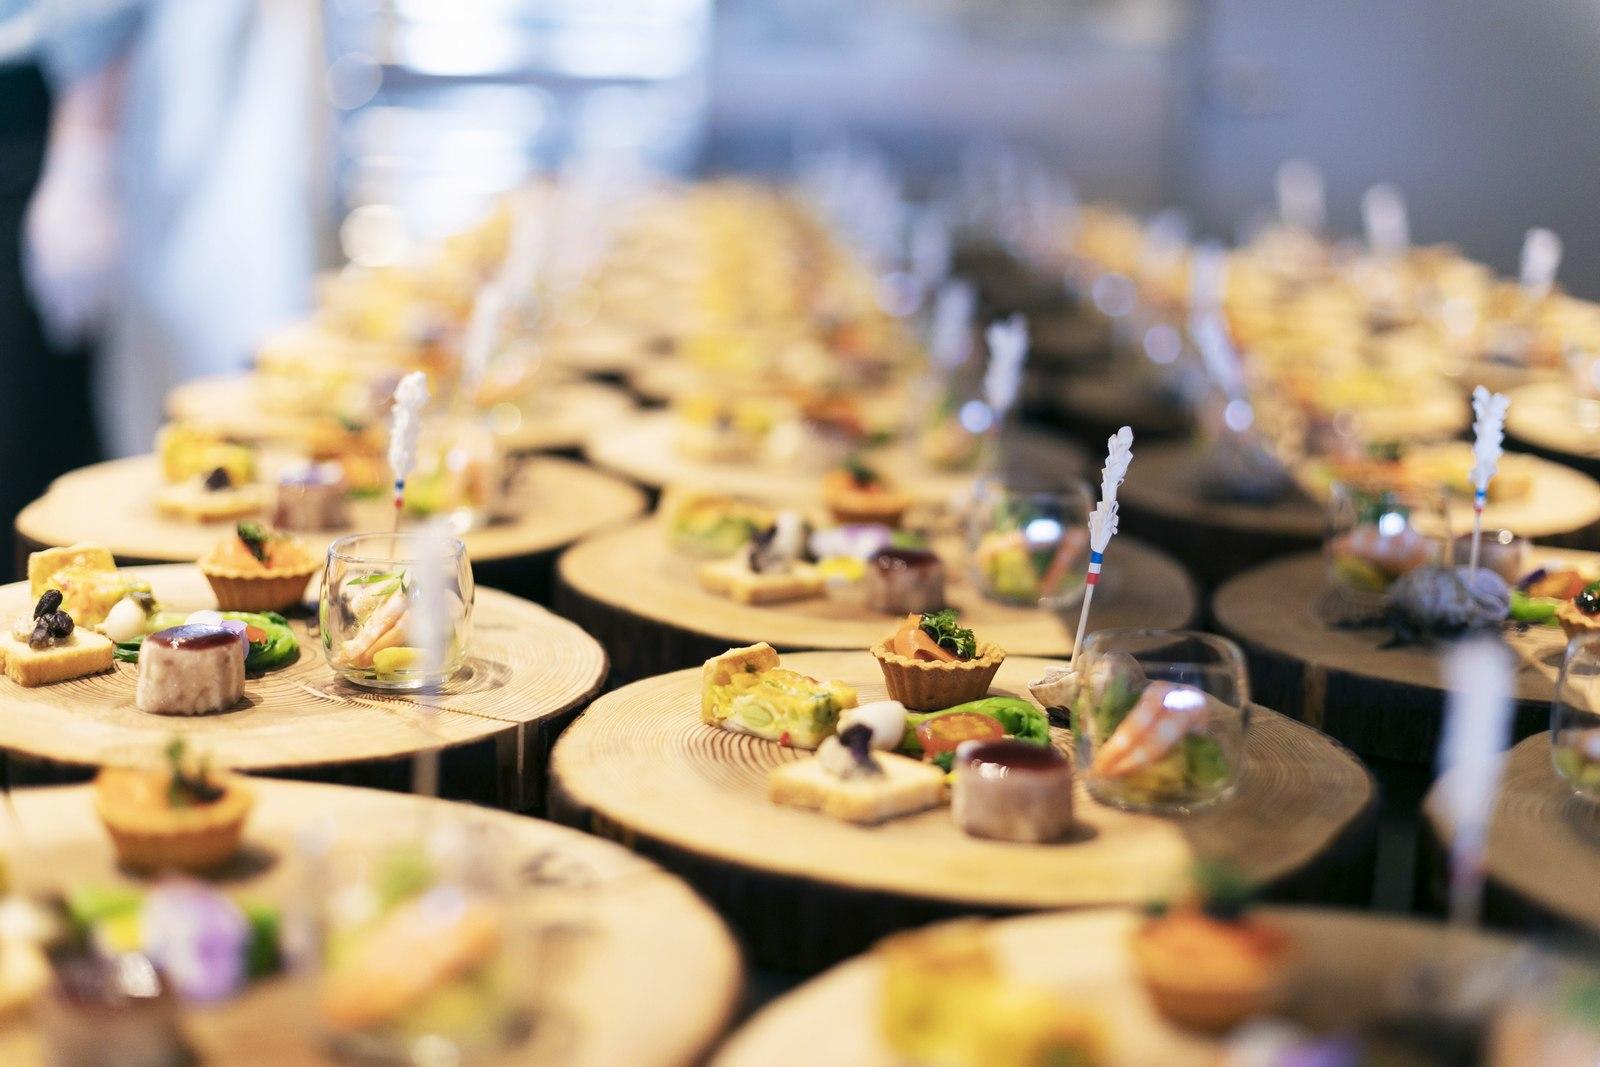 香川県高松市の結婚式場アナザースタイルの木の皿に盛りつけられたオードブル